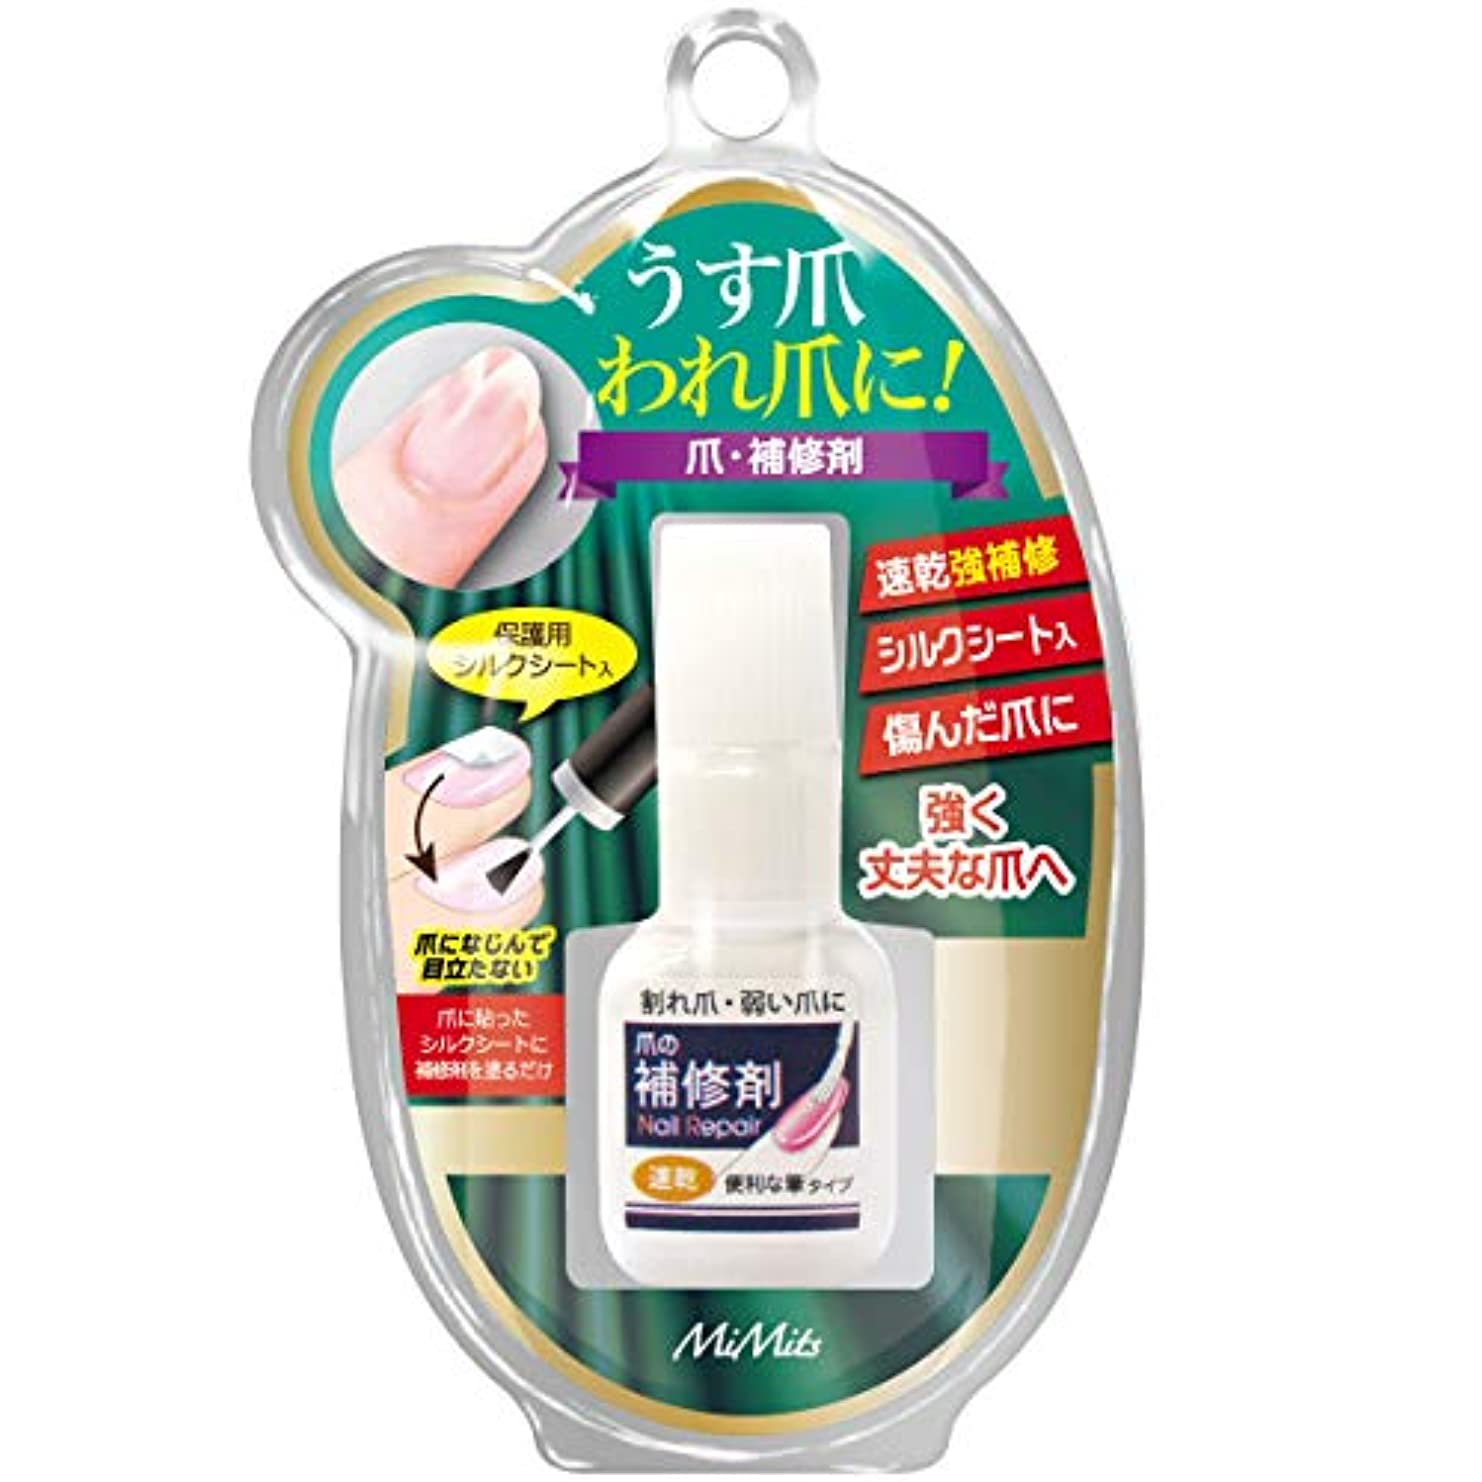 和解する出版モジュールBN(ビーエヌ) 爪の補修剤 THS-01 (1本)